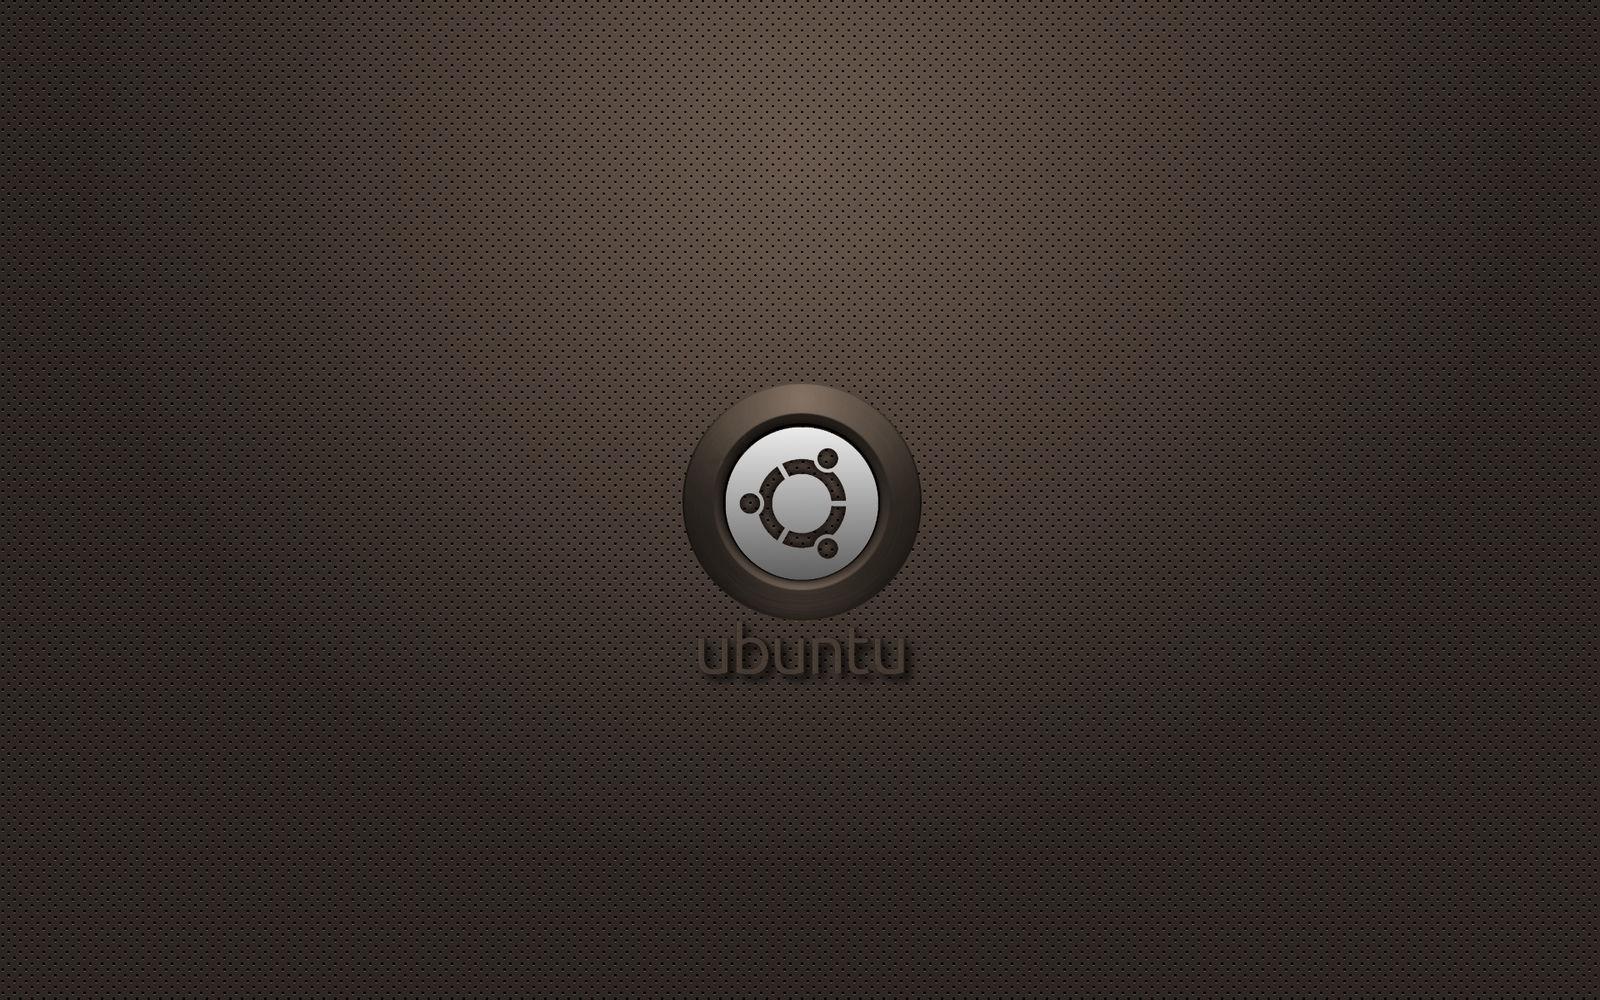 Ubuntu by Accesske